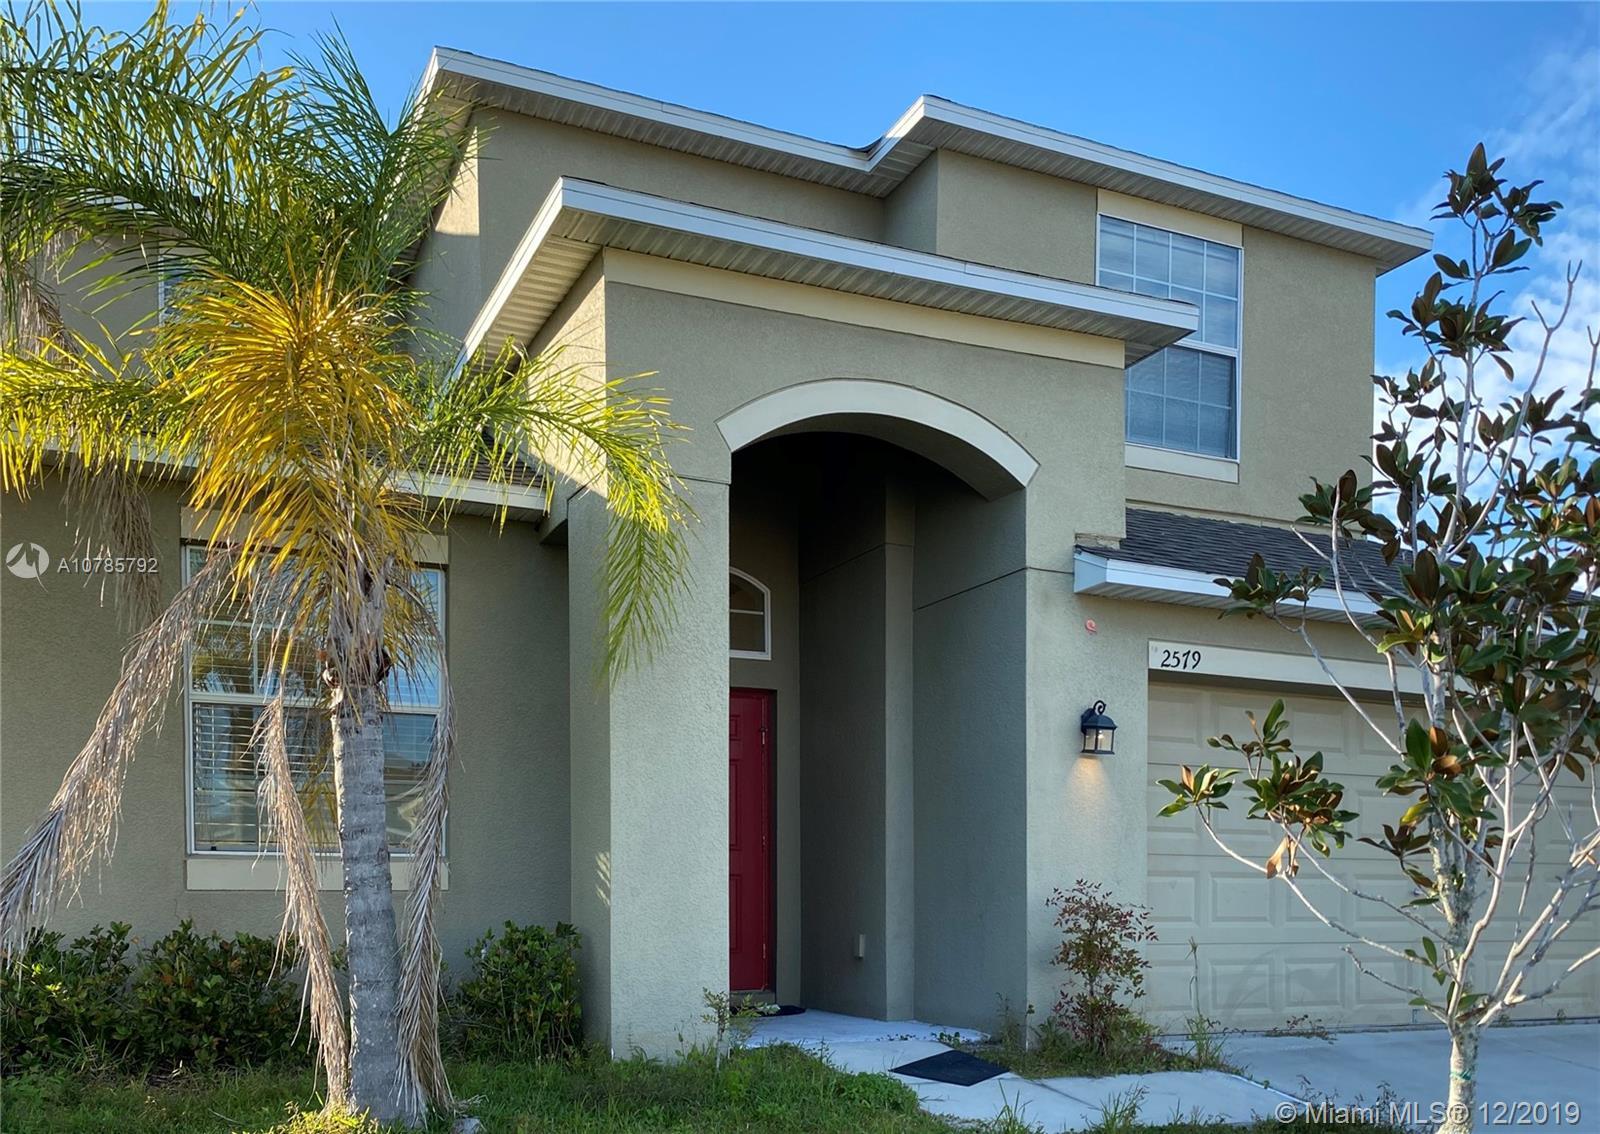 2579  Carrickton  Circle  For Sale A10785792, FL